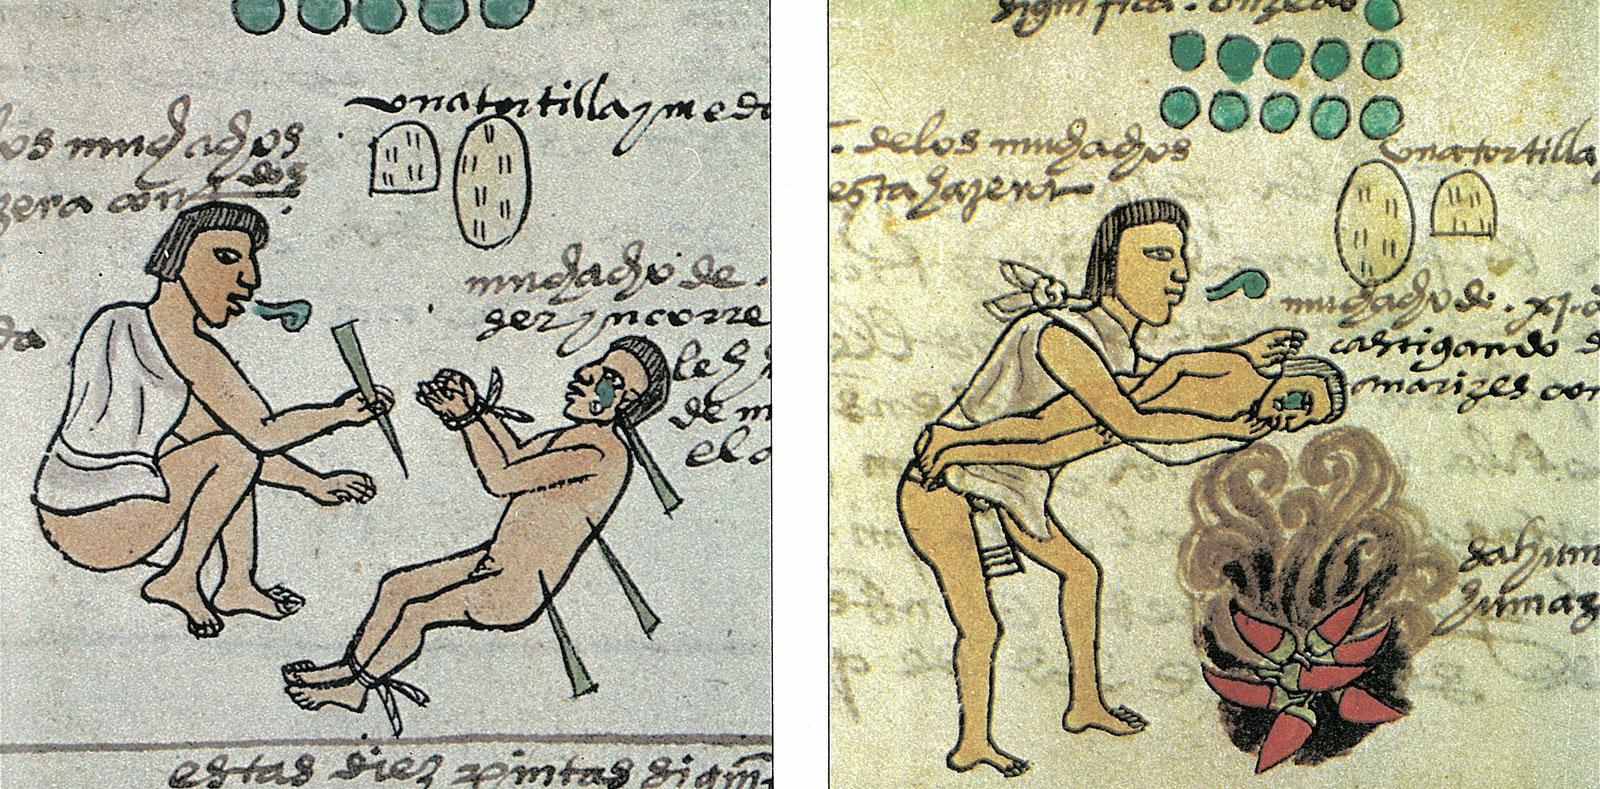 Imagen del codice mendoza muestra educación en escuela entre aztecas o mexicas